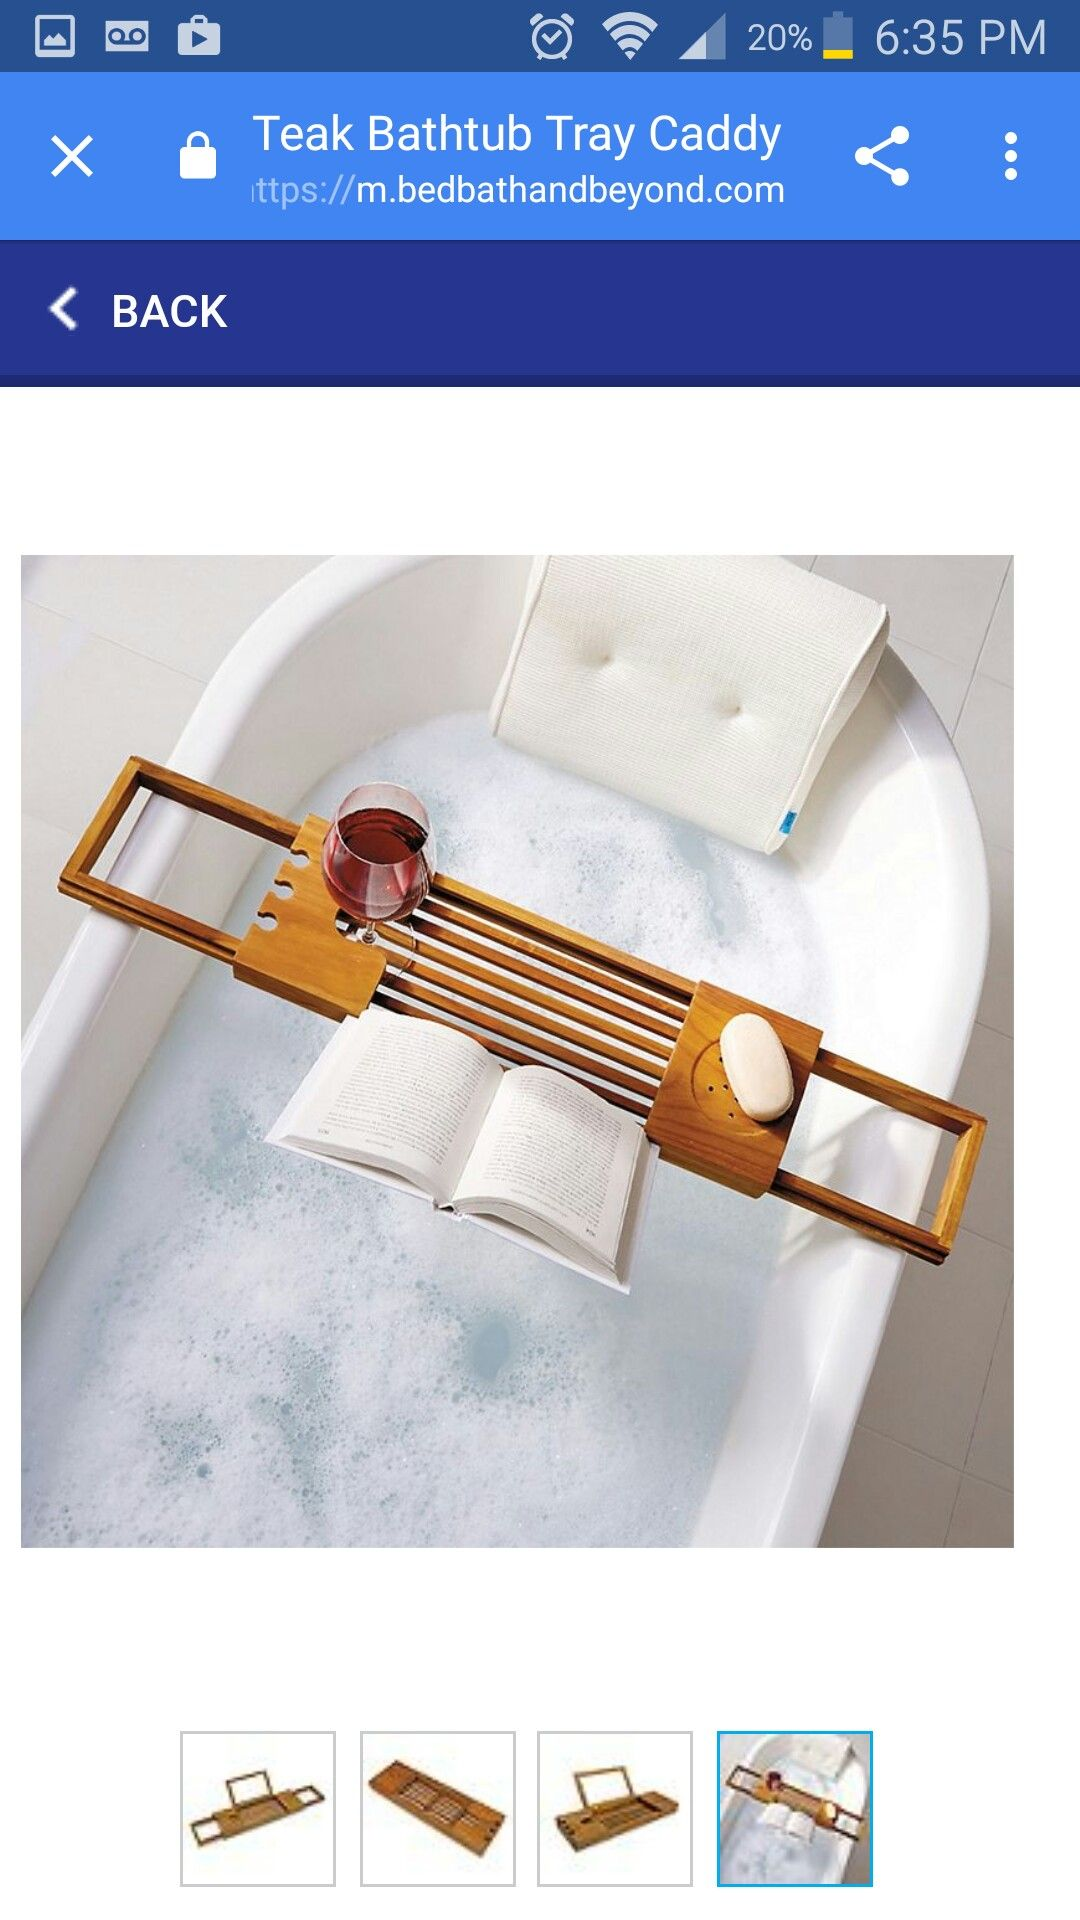 Bath Caddy From Bed Bath And Beyond Bath Tray Caddy Bed Bath